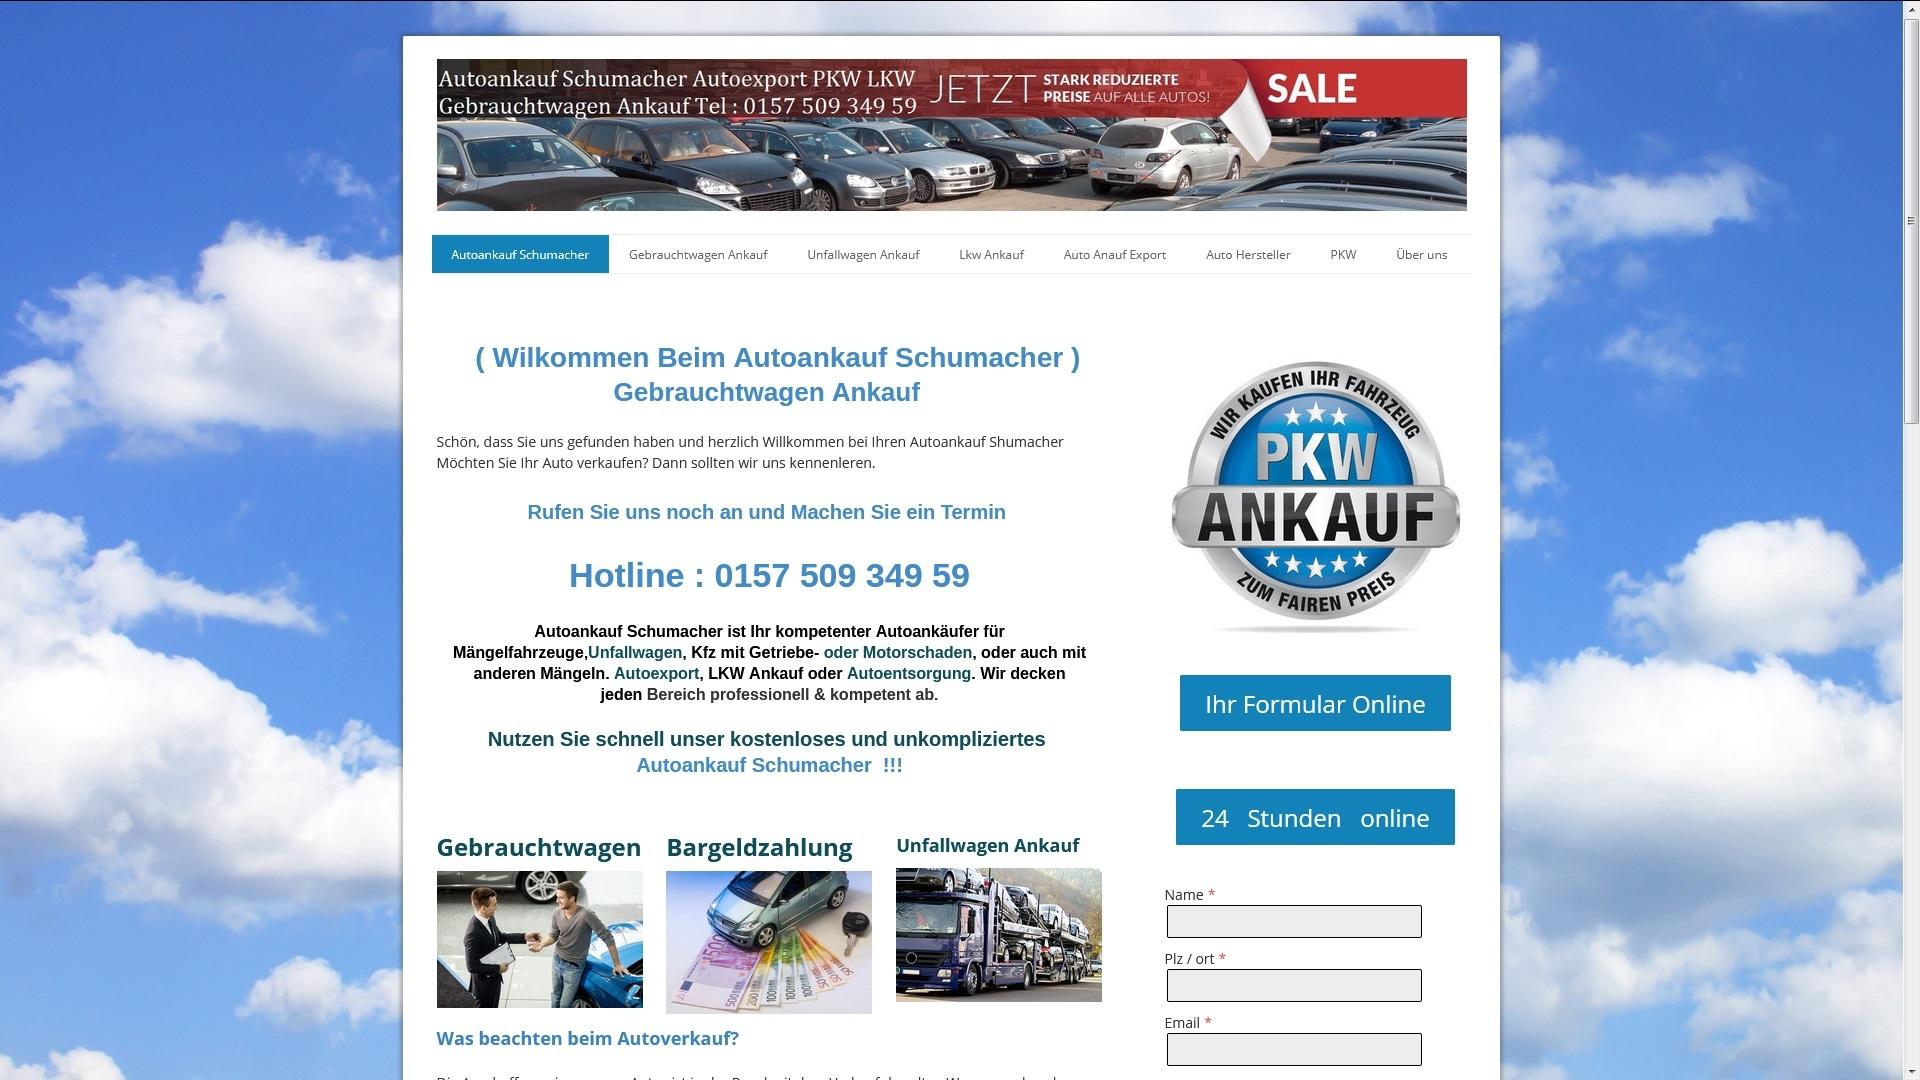 autoankauf nordhausen ist mit 15 jahren erfahrung profi in sachen pkw ankauf - Autoankauf Nordhausen ist mit 15 Jahren Erfahrung Profi in Sachen PKW-Ankauf